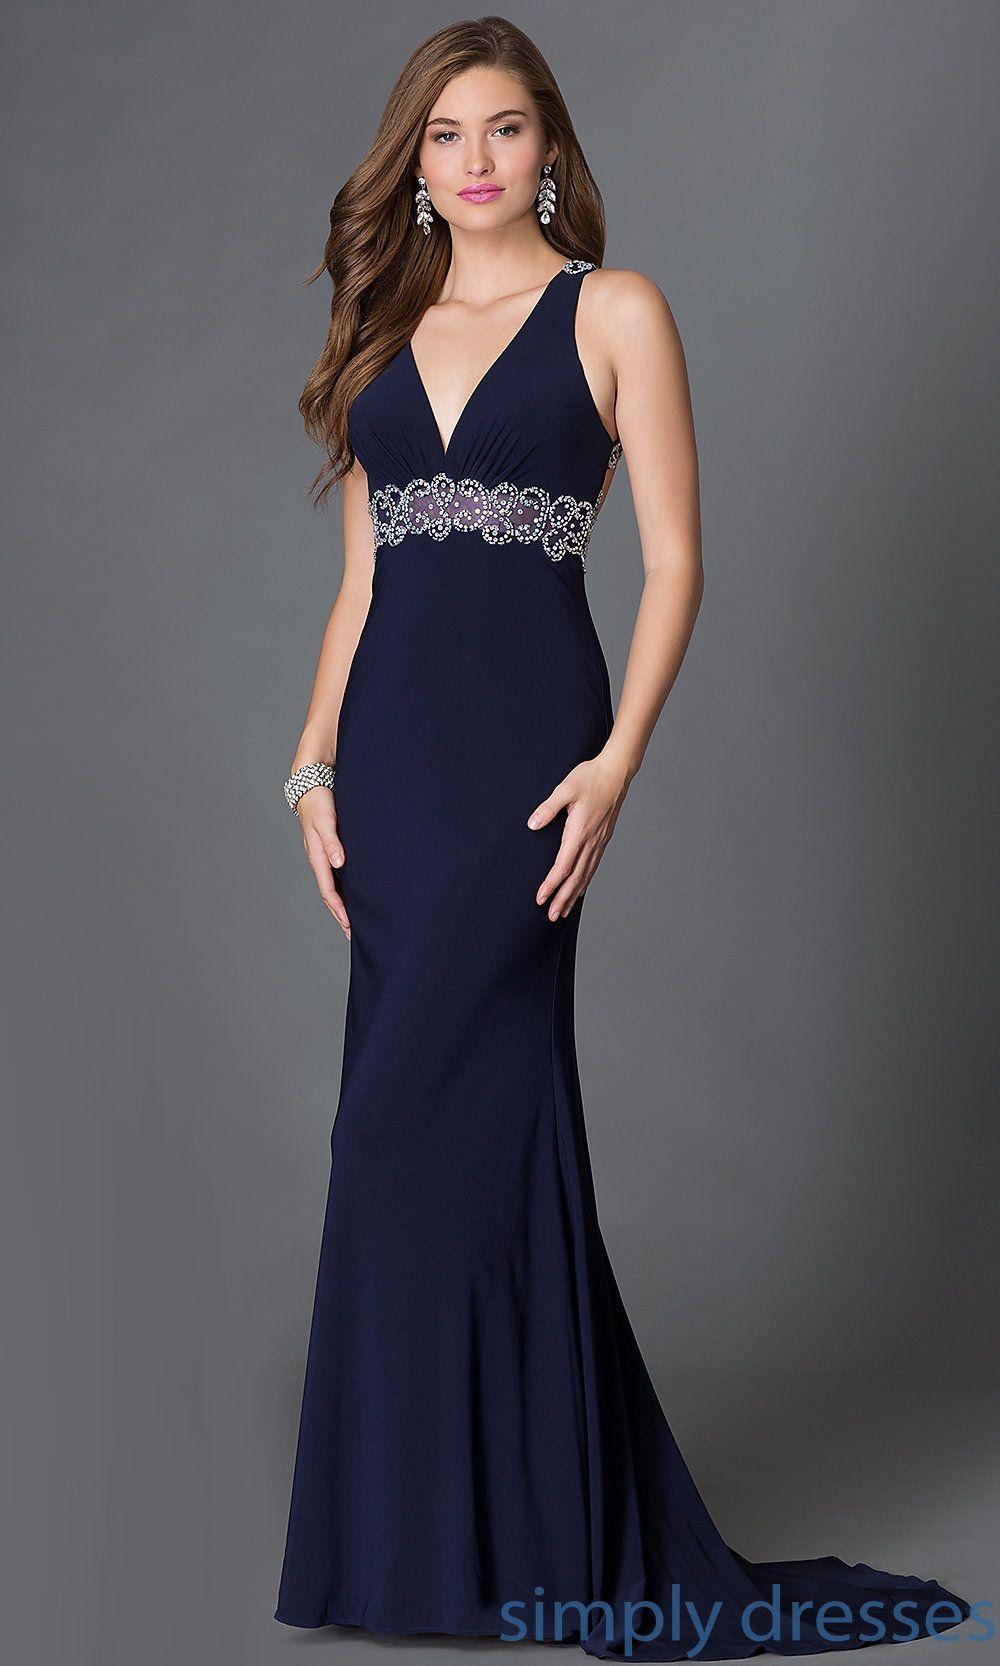 V-Neck Sleeveless Beaded Empire Waist Dress | formal fashion ...